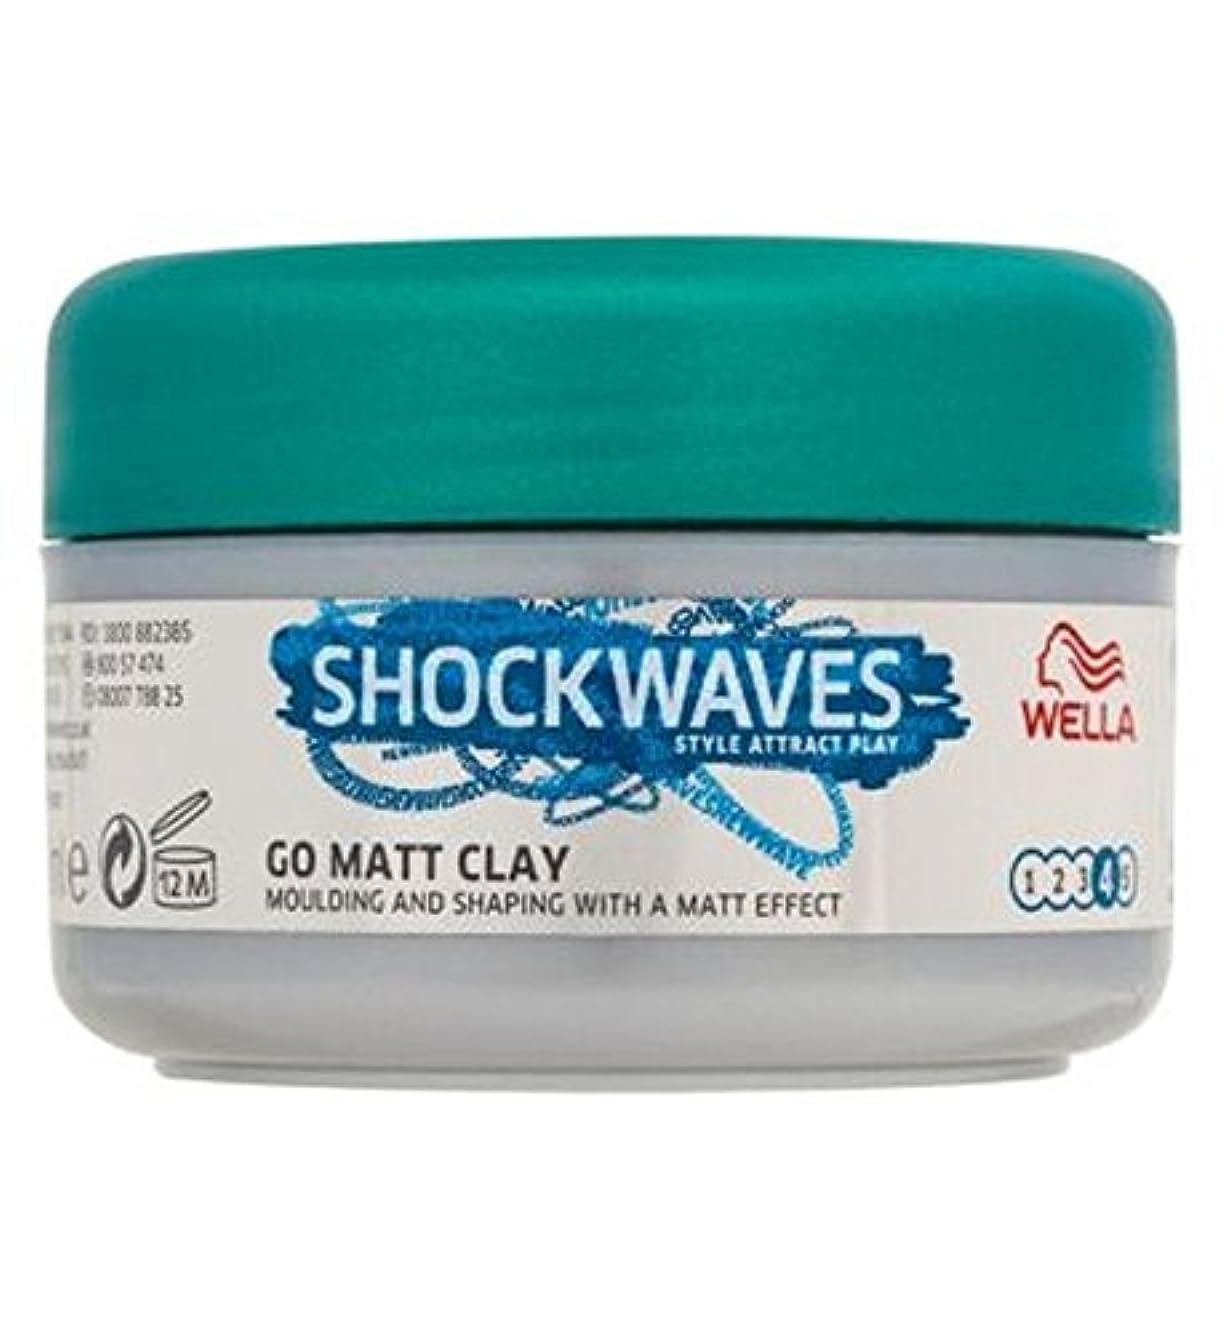 オプショナル規範確かなウエラの衝撃波の外向性はマット粘土75ミリリットルを行きます (Wella Shockwaves) (x2) - Wella Shockwaves Extrovert Go Matt Clay 75ml (Pack of...